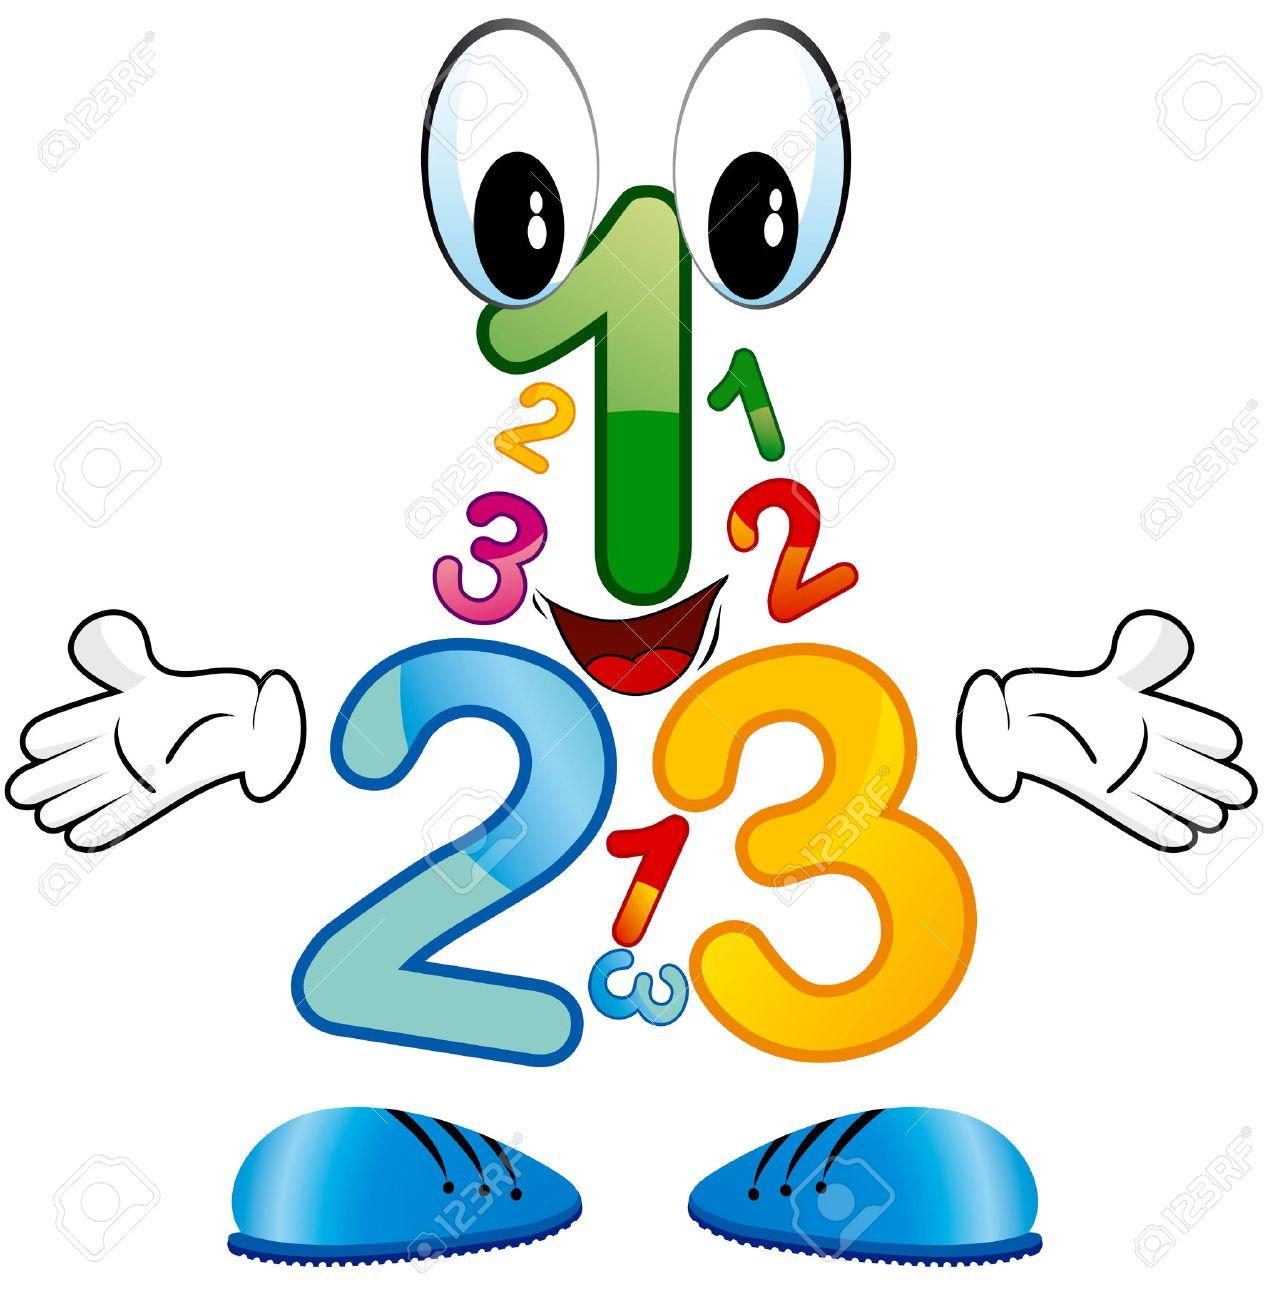 Conteo hasta el infinito - Página 6 8581214-123-numbers-Stock-Vector-numbers-school-preschool